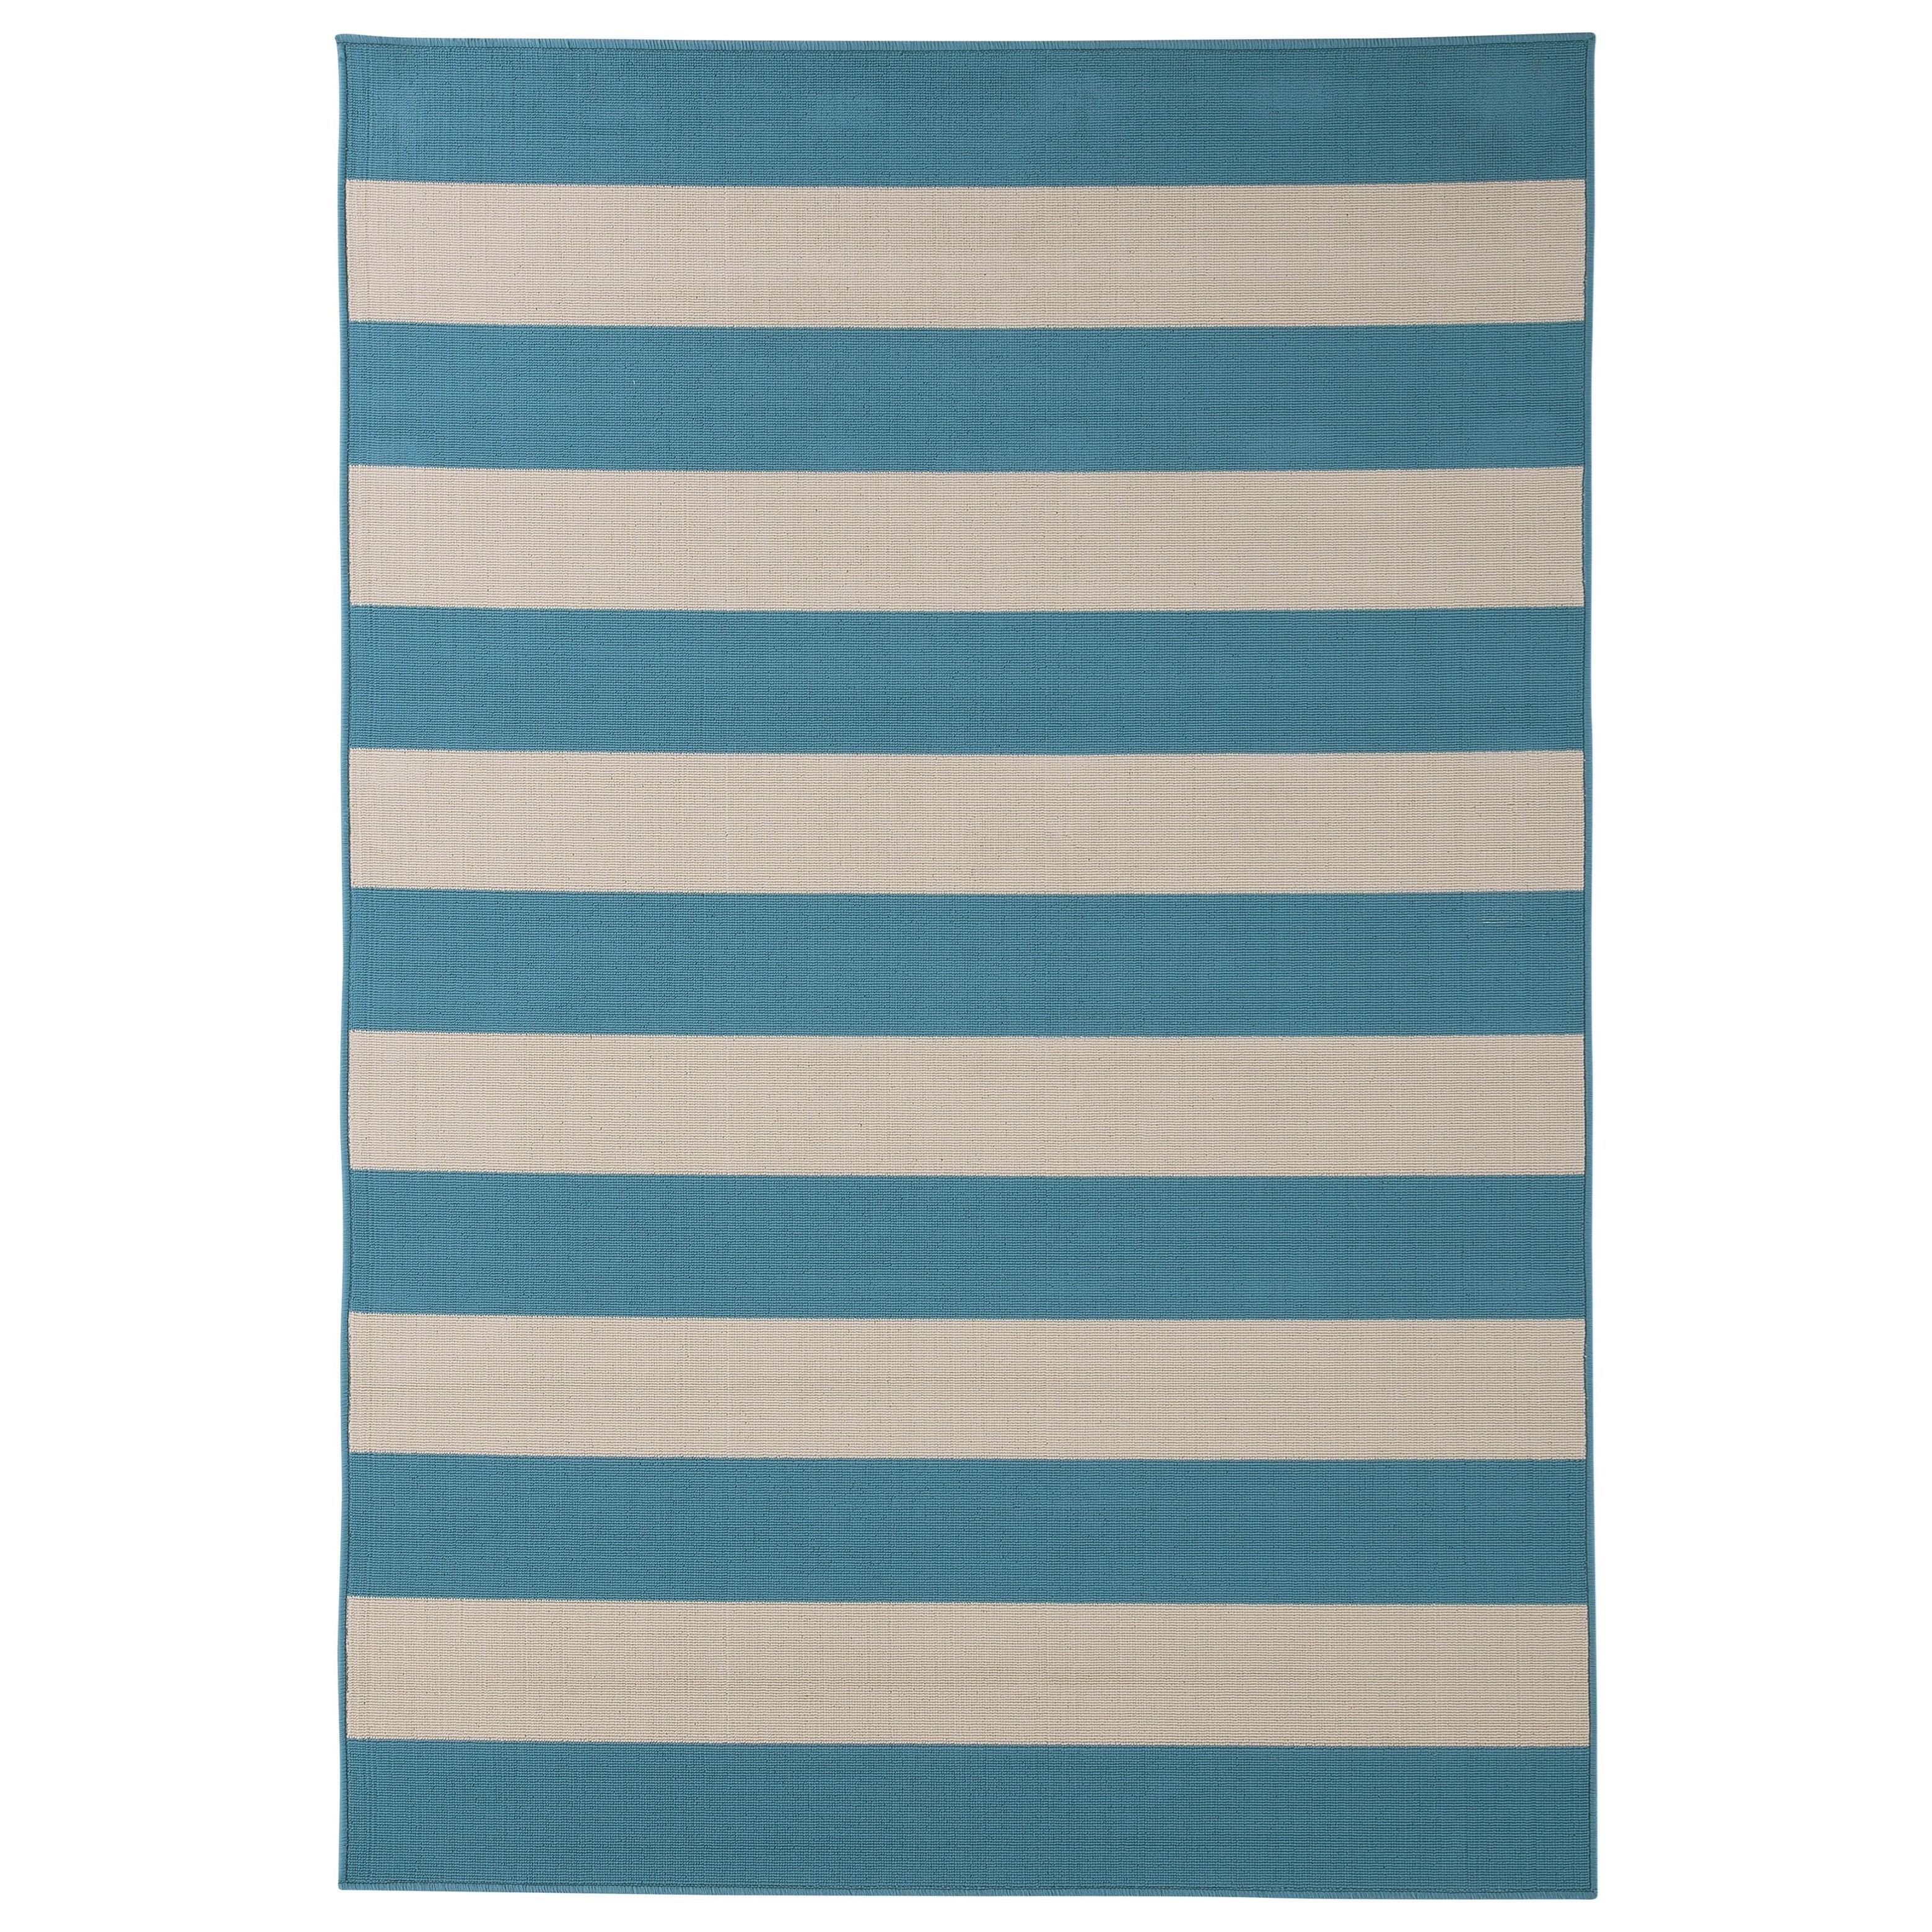 Signature Design by Ashley Contemporary Area Rugs Trentice Blue/Cream Medium Rug - Item Number: R402312